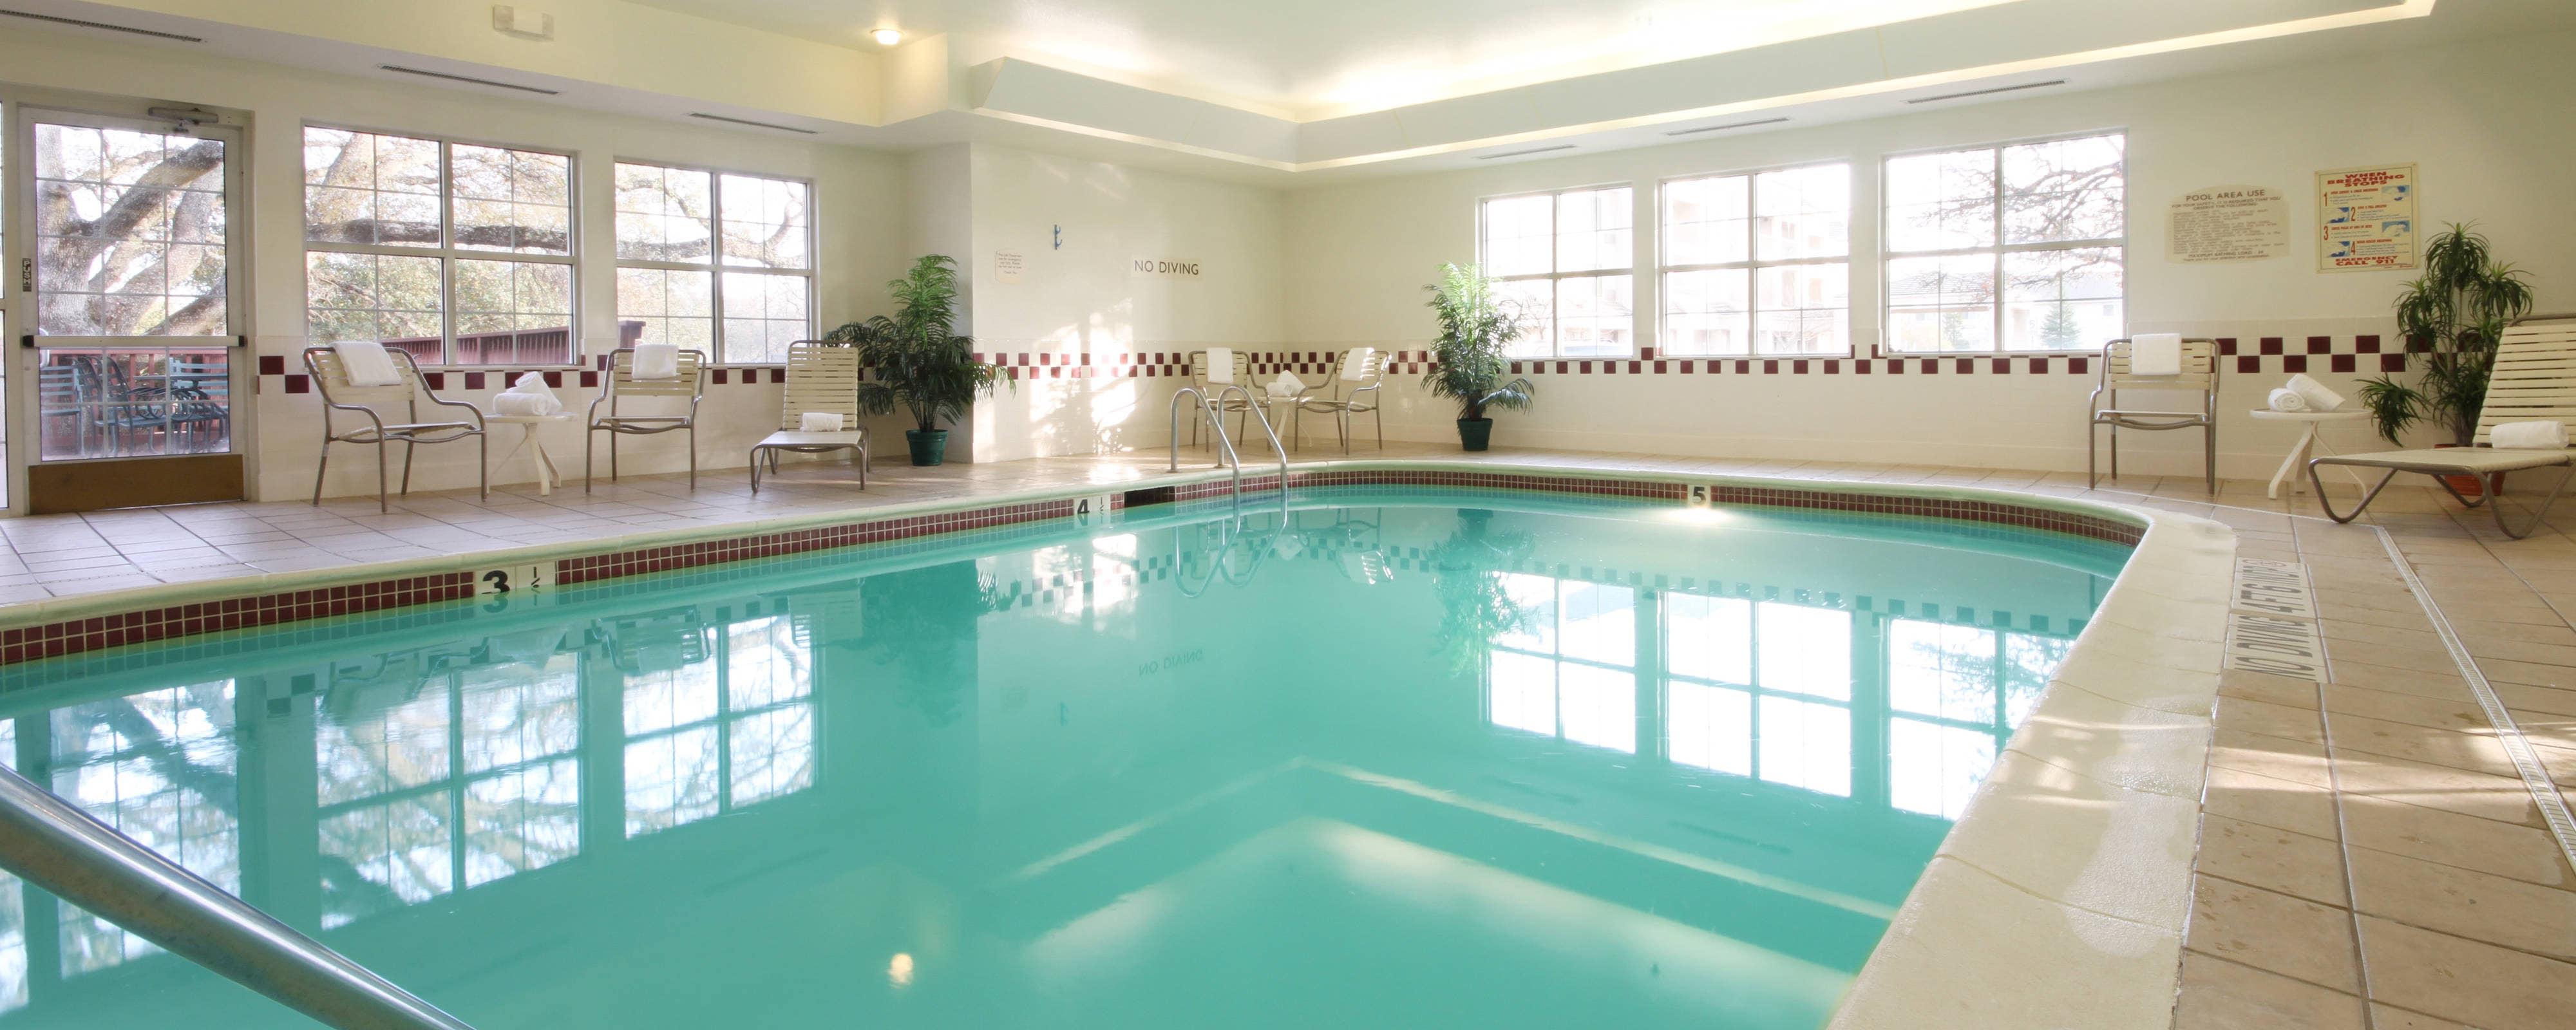 ローズビル、サクラメントの屋内温水プール